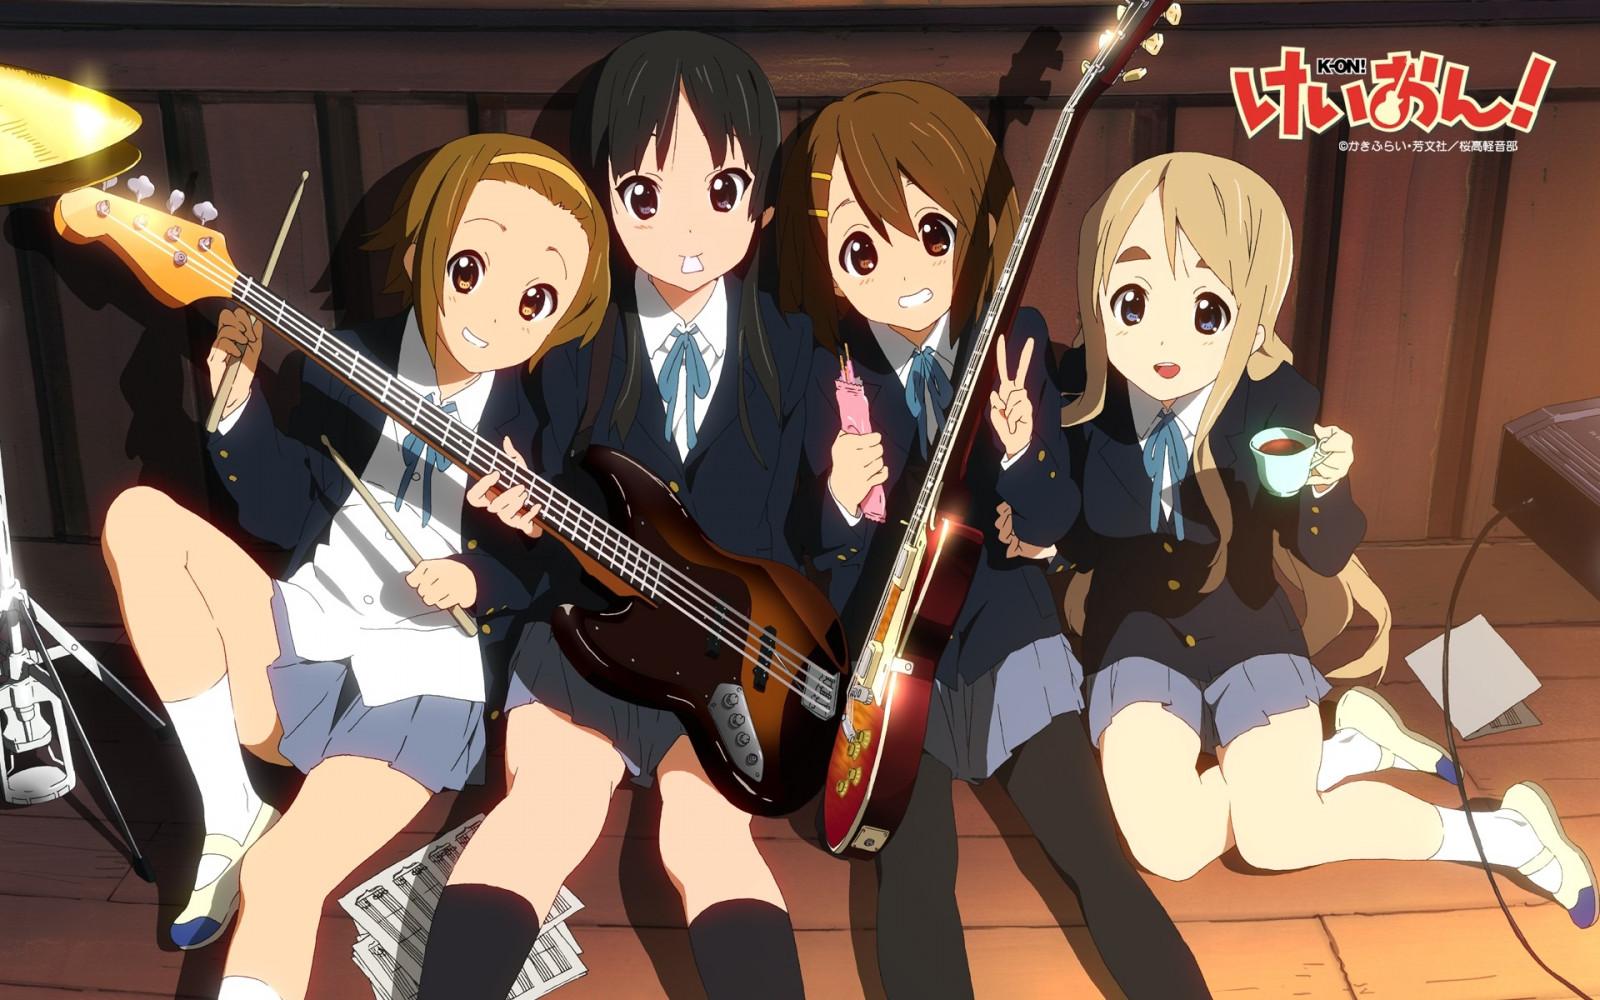 Здесь вы сможете смотреть музыкальные аниме в любое удобное для вас время и практически в неограниченном количестве.